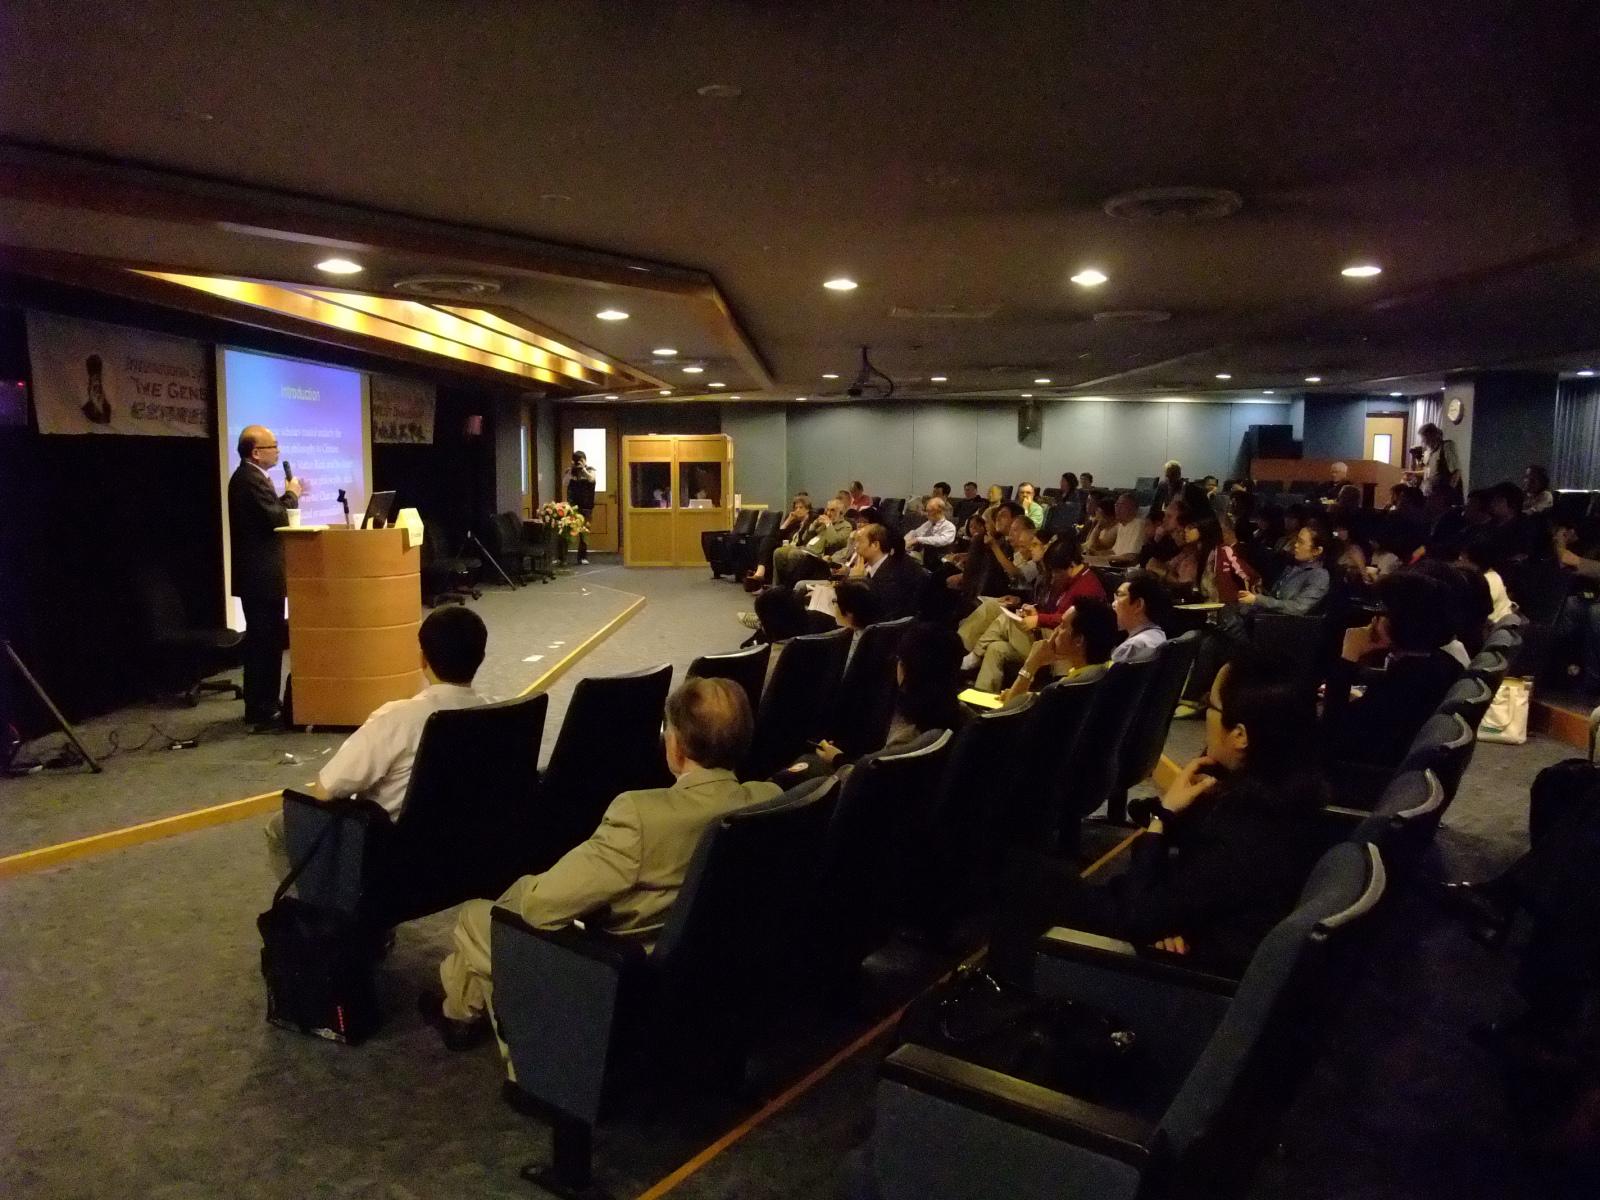 201004紀念利瑪竇逝世四百週年國際學術研討會-1